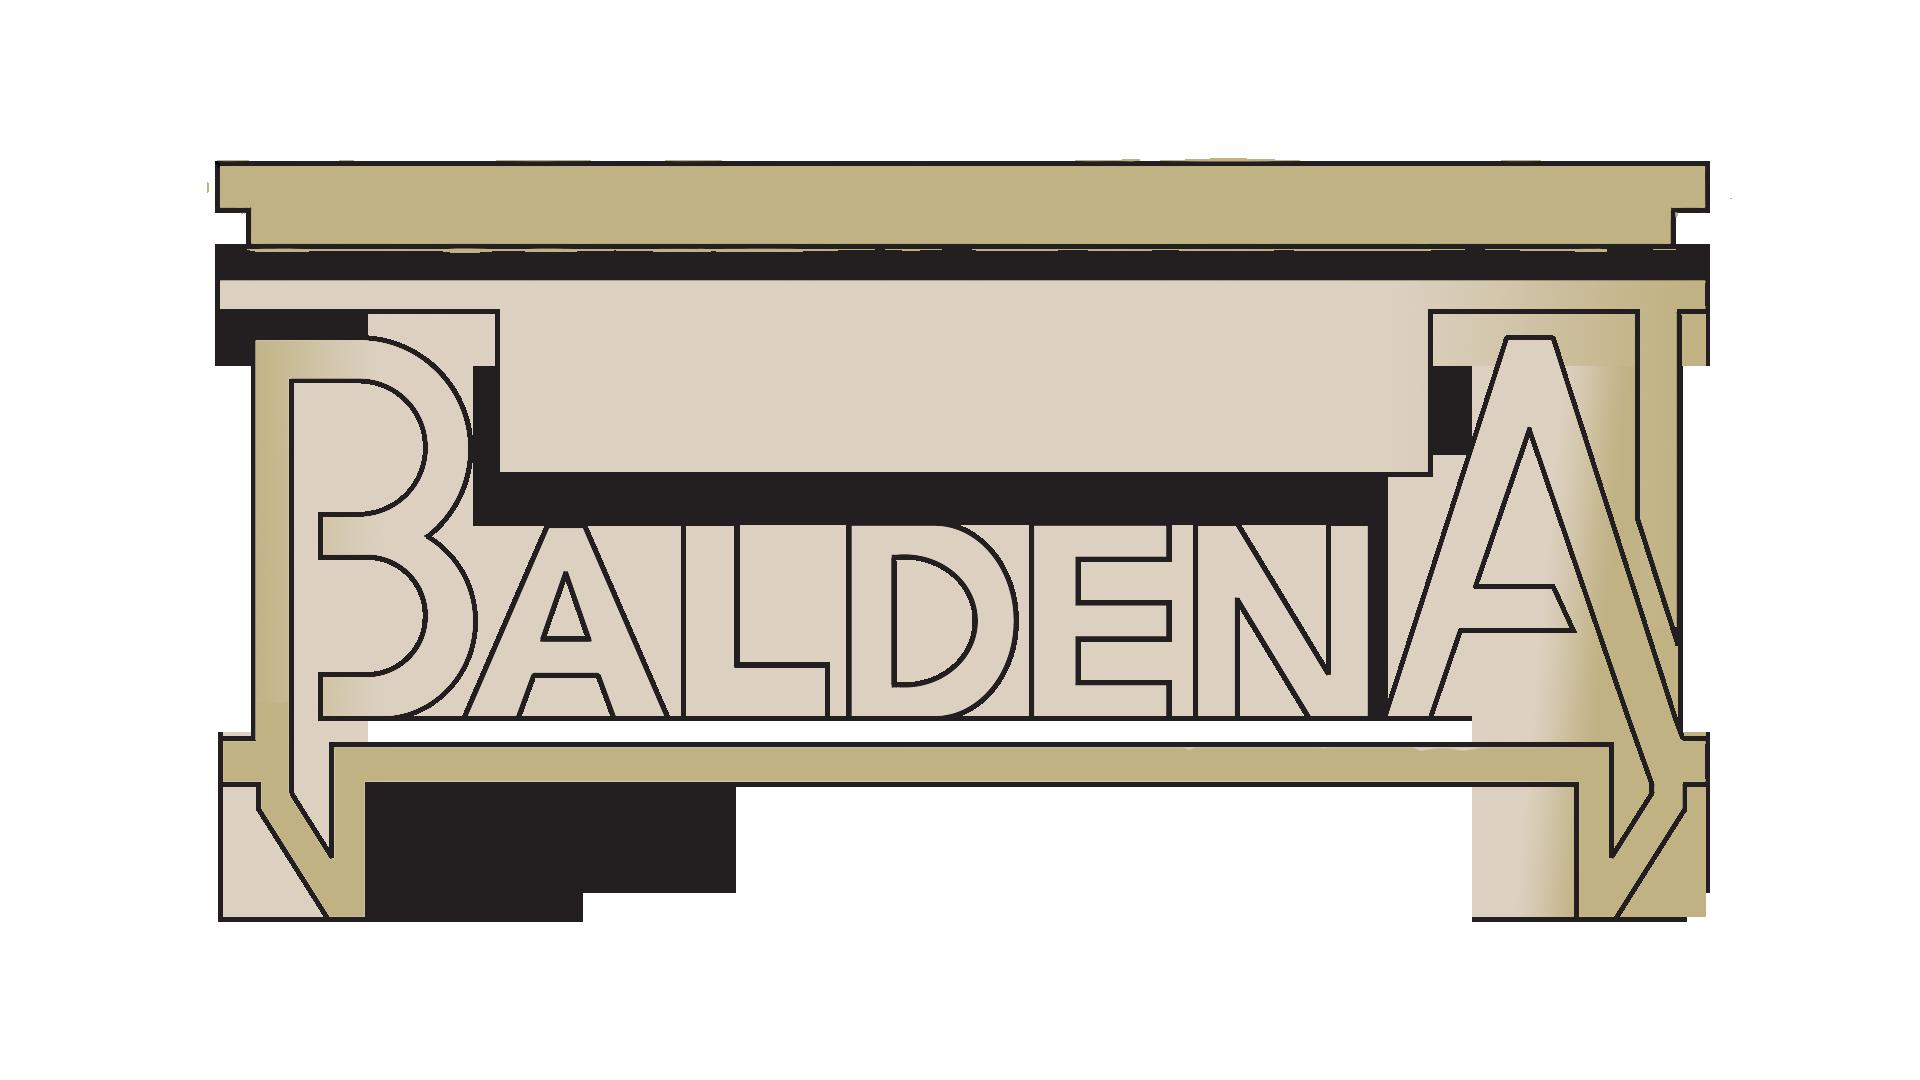 Baldena.com